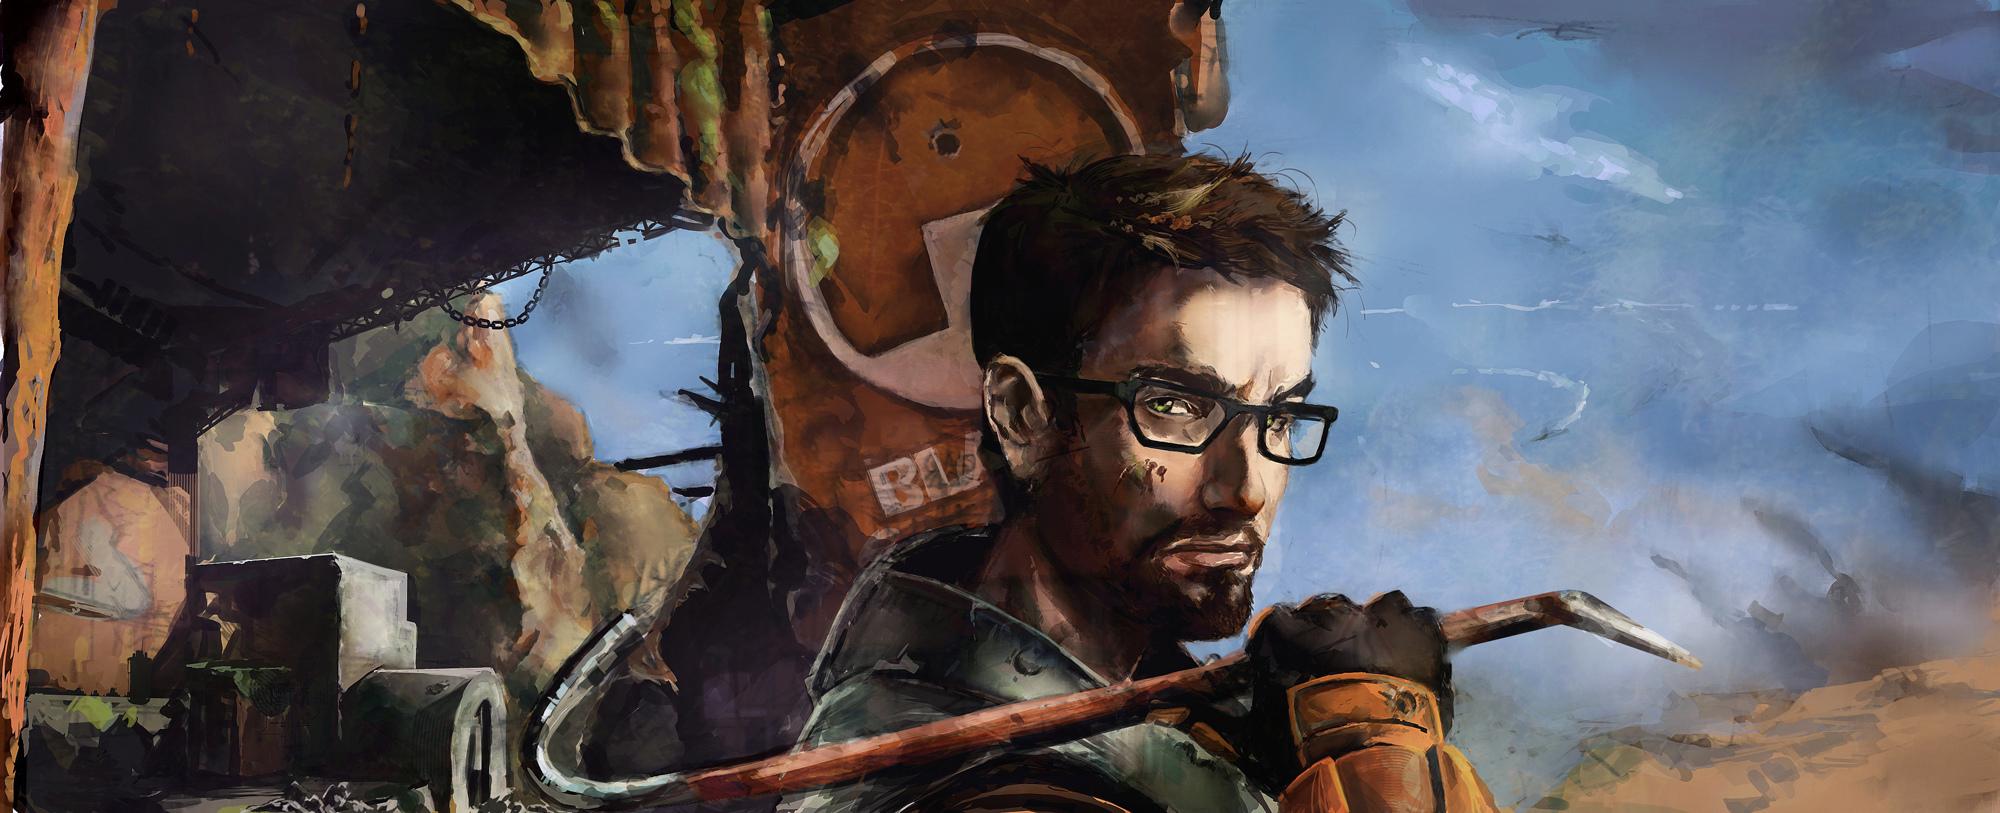 Снимки за играта Half Life  - Page 8 Cover_10